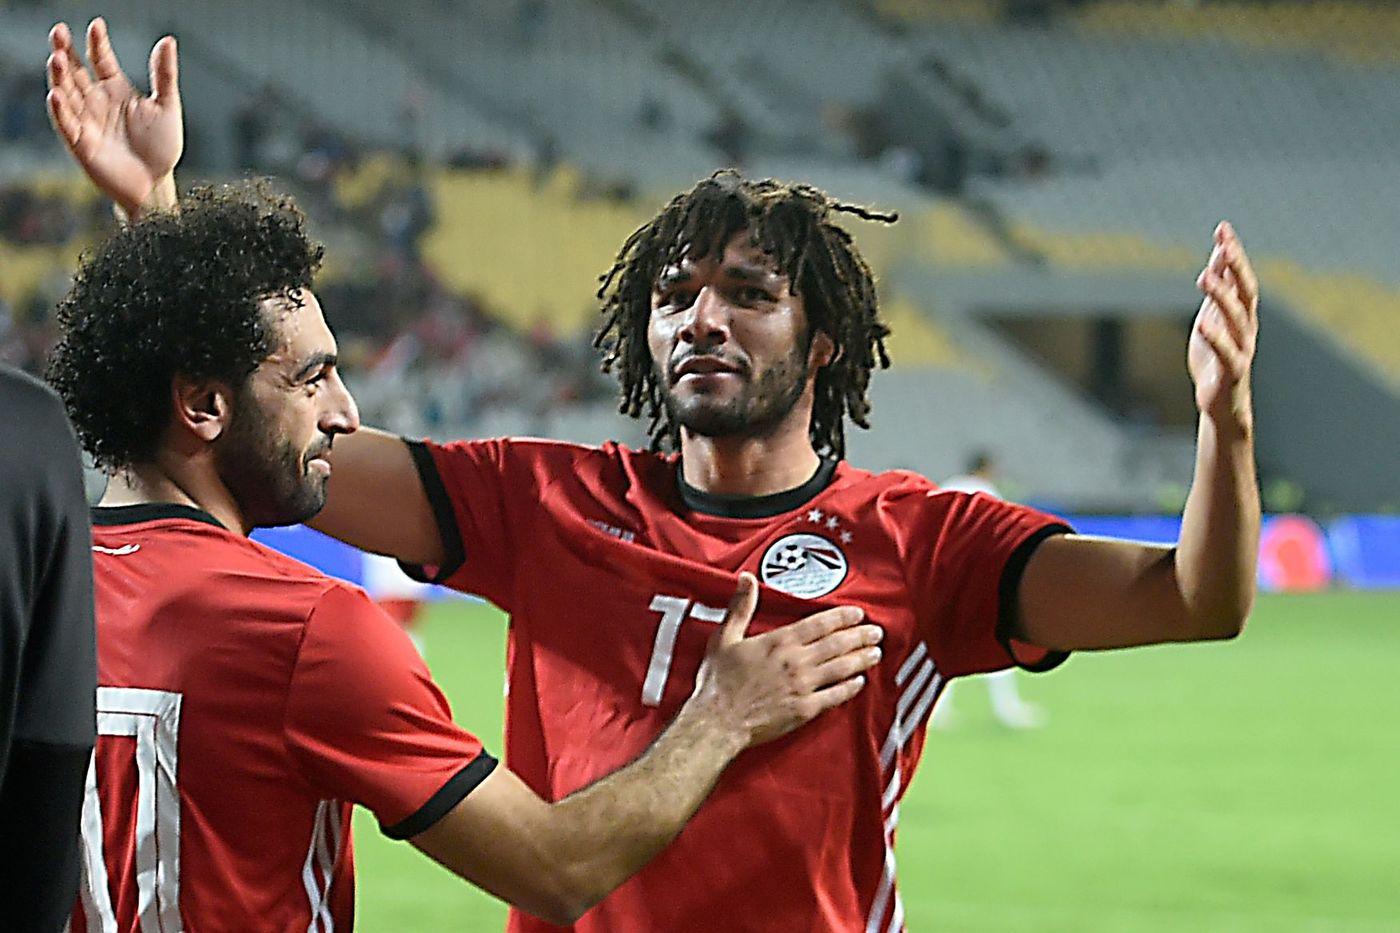 Coppa d'Africa, Egitto-Zimbabwe venerdì 21 giugno: analisi e pronostico della prima giornata della competizione continentale